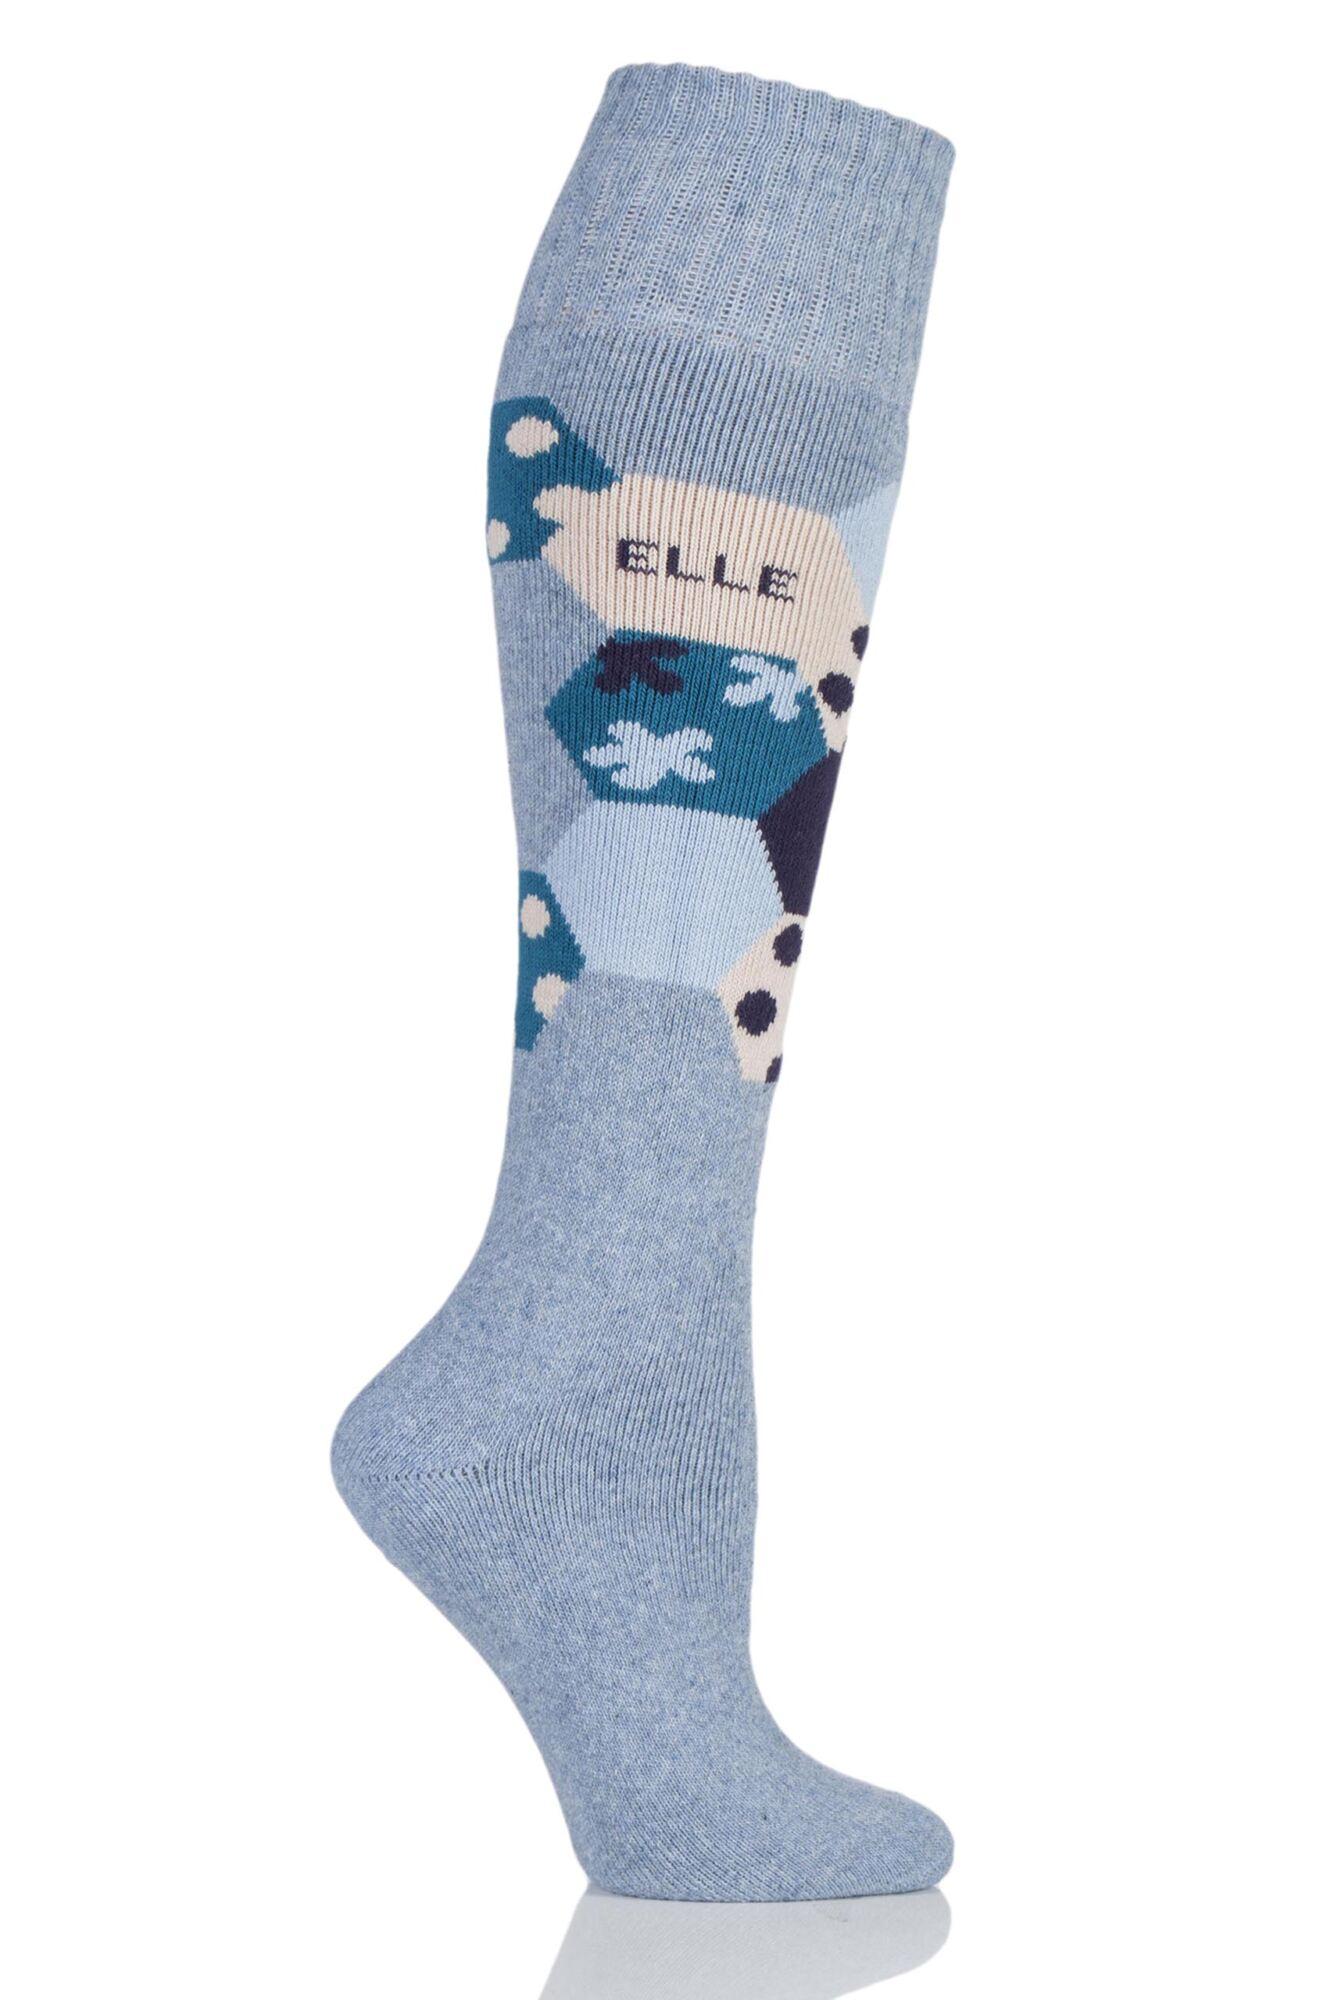 1 Pair Wool Blend Winter Knee High Socks Ladies - Elle